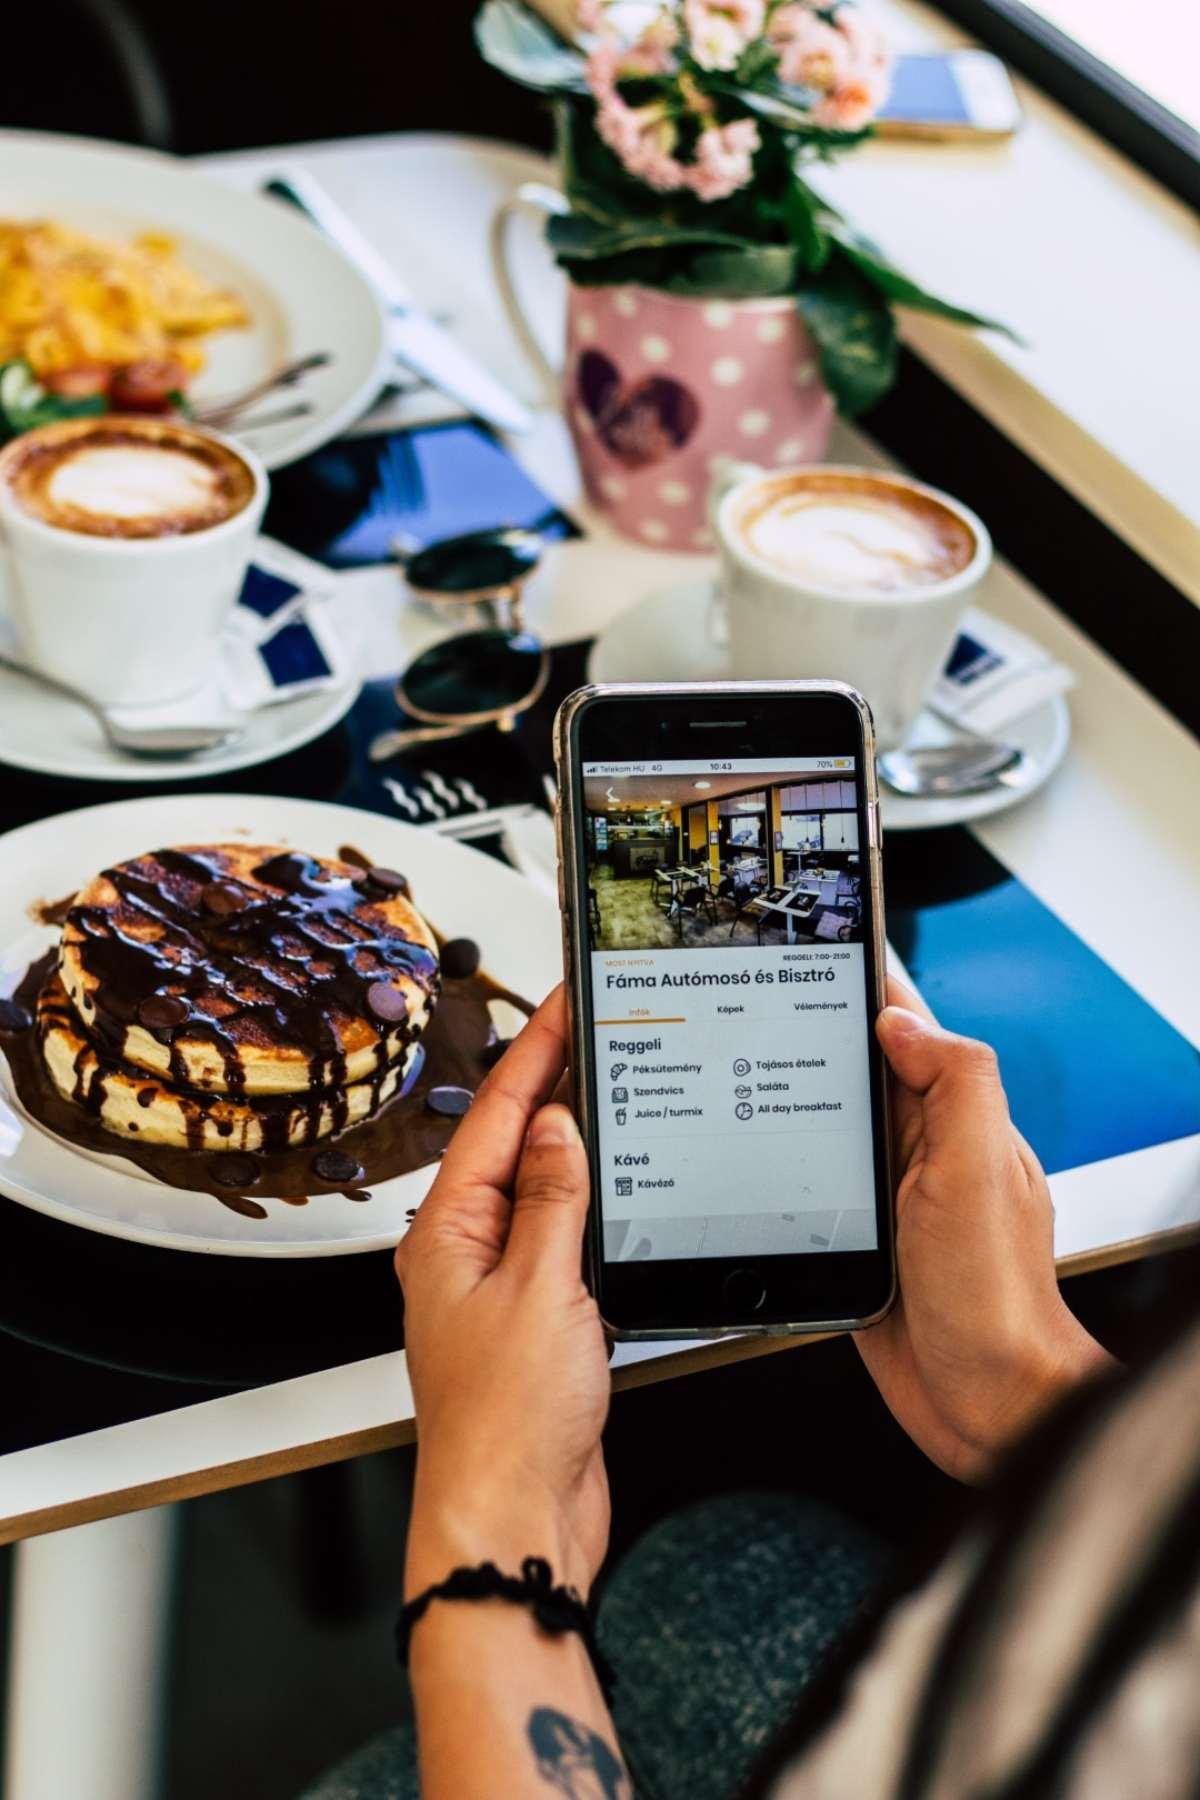 τάσεις γαστρονομία ξενοδοχεία 2021 τεχνολογία στην υπηρεσία του φαγητού